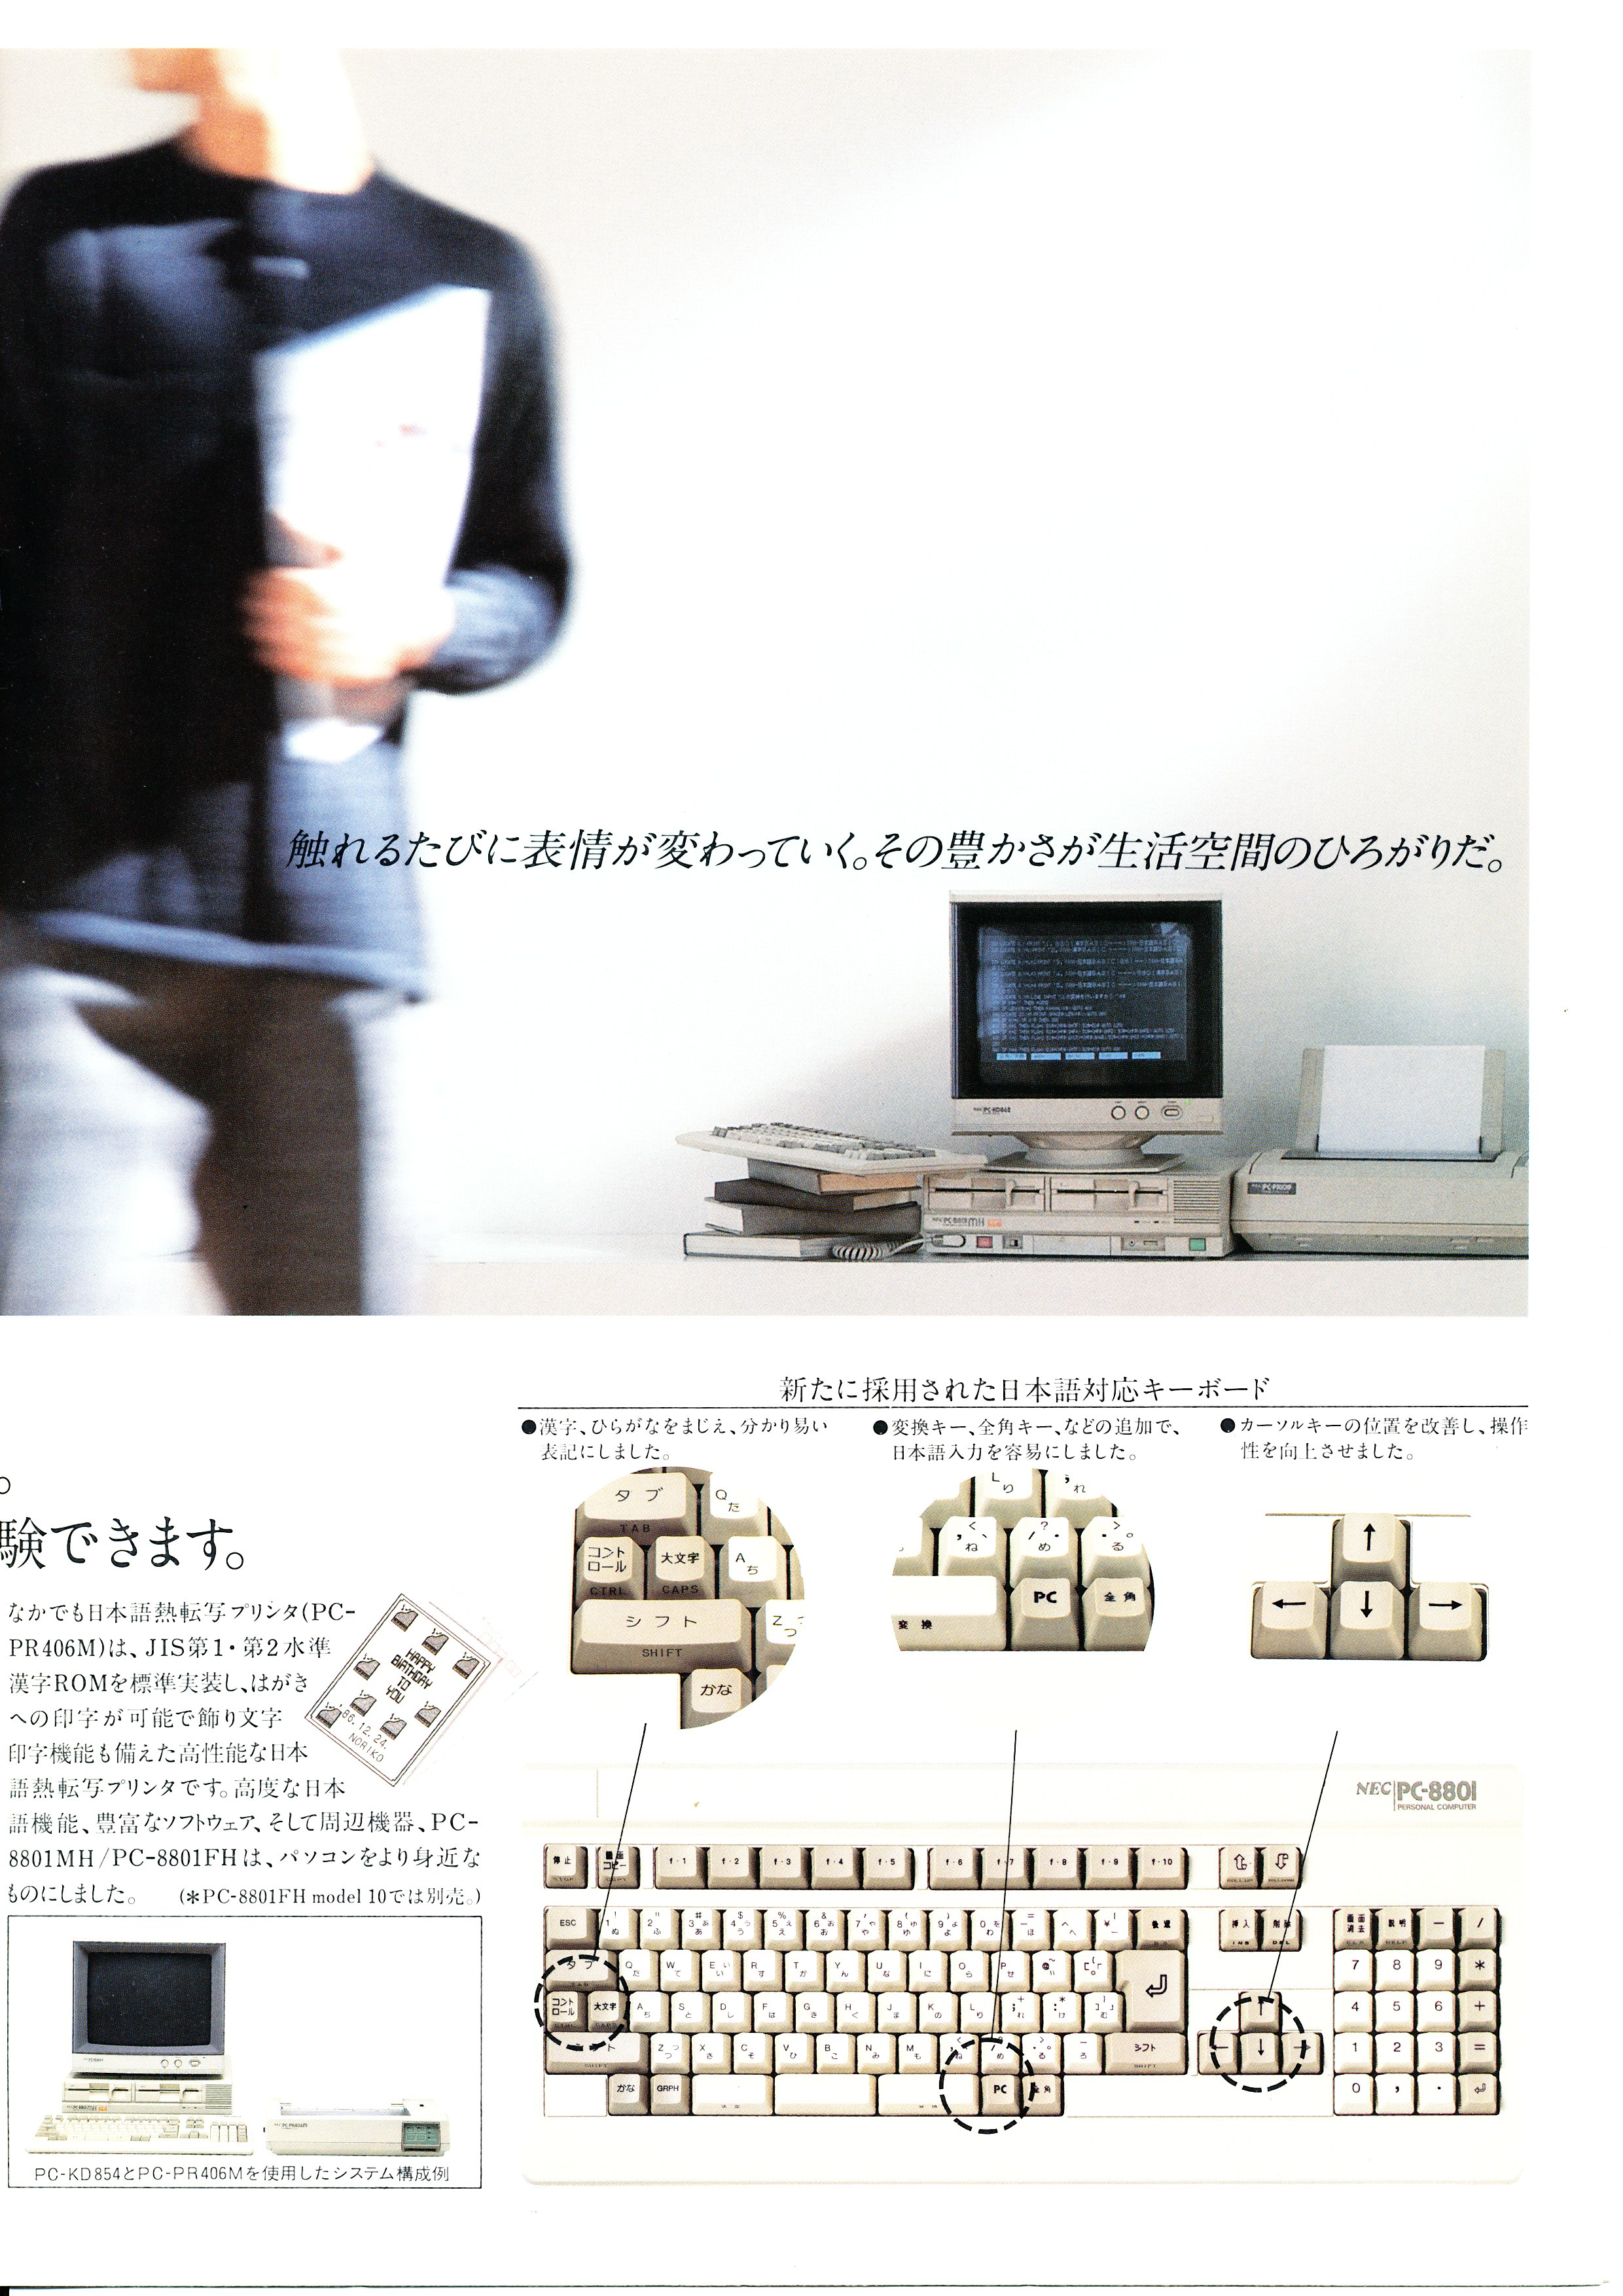 PC-8801MH/FH P5